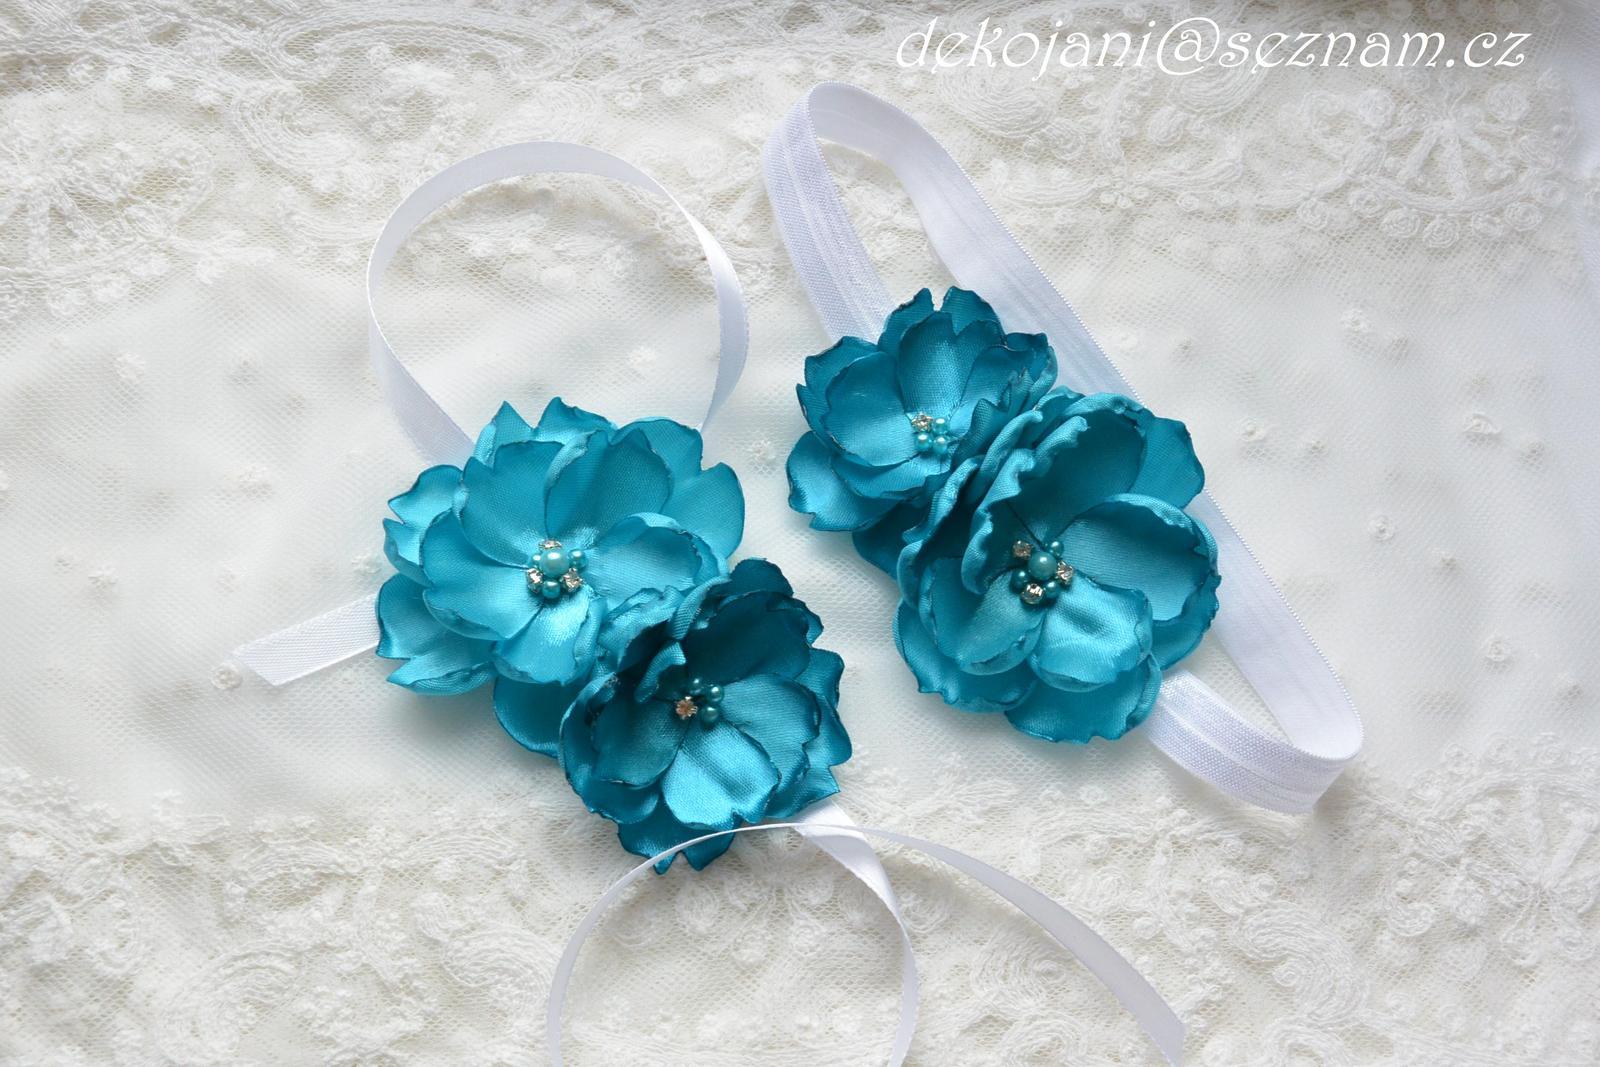 Svatební dekorace vše v barvách na přání! - Obrázek č. 14